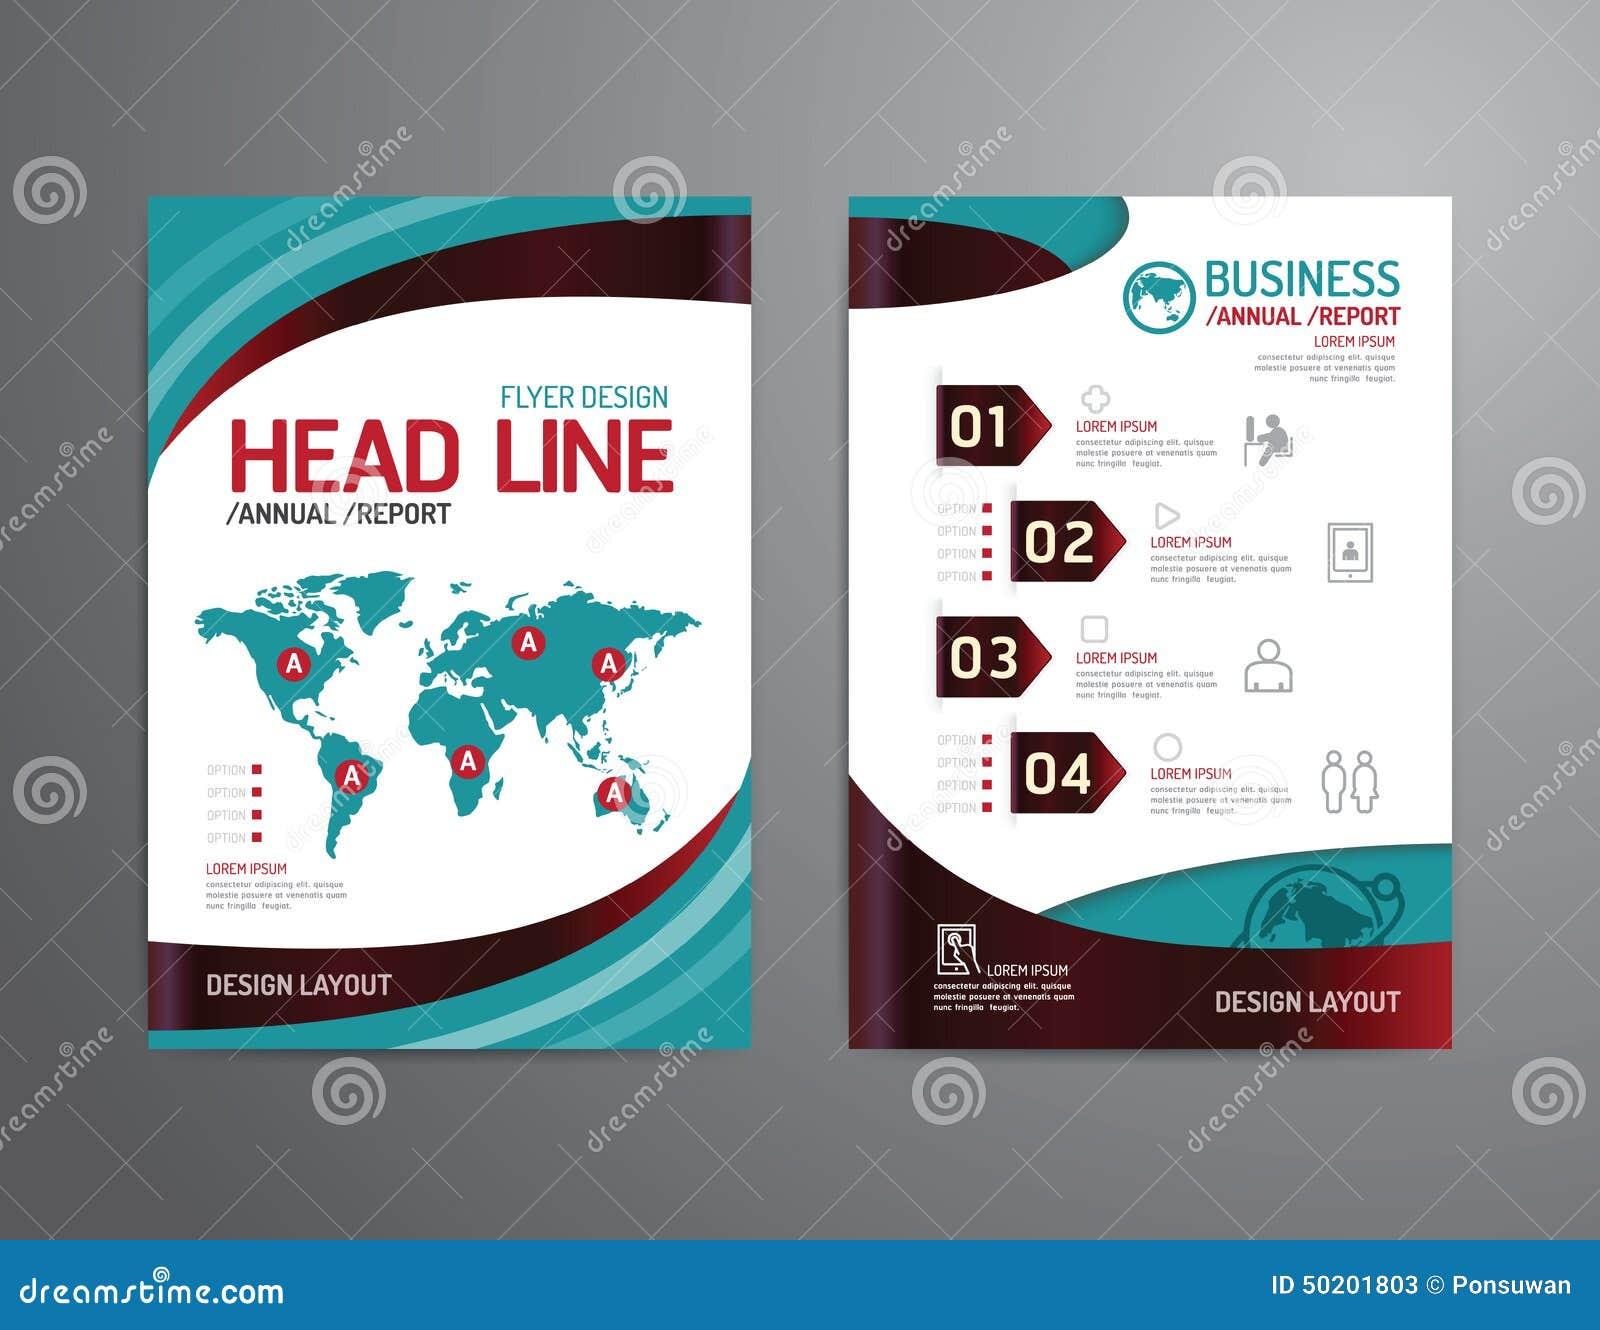 Design Presentation Board Template